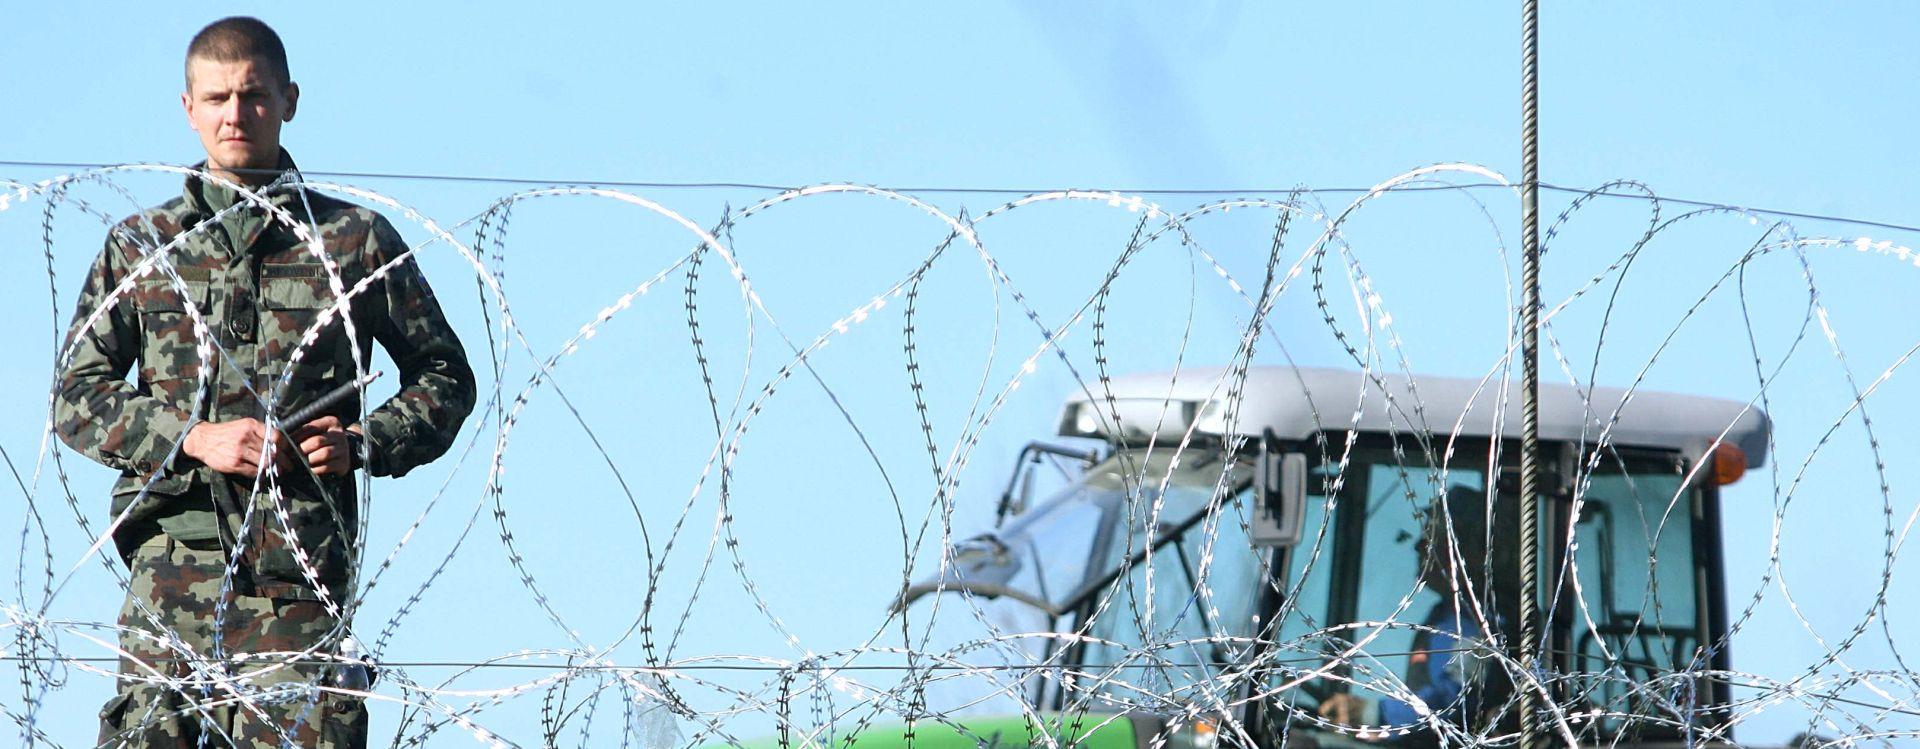 POČELI RADOVI: Slovenska vojska rasteže žicu na granici na najosjetljivijim sektorima